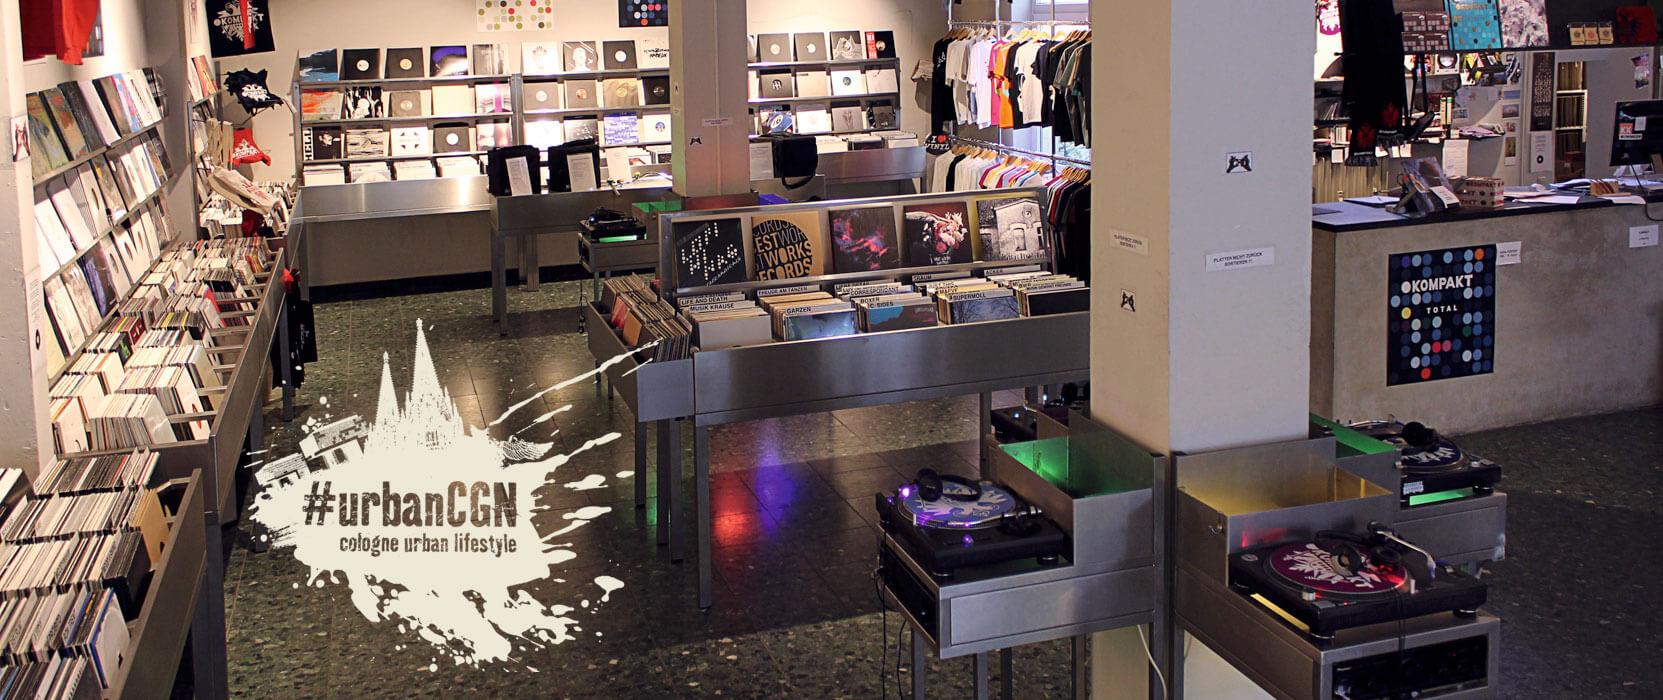 Schallplattenläden in Köln, Teil 2, Kompakt Schallplatten